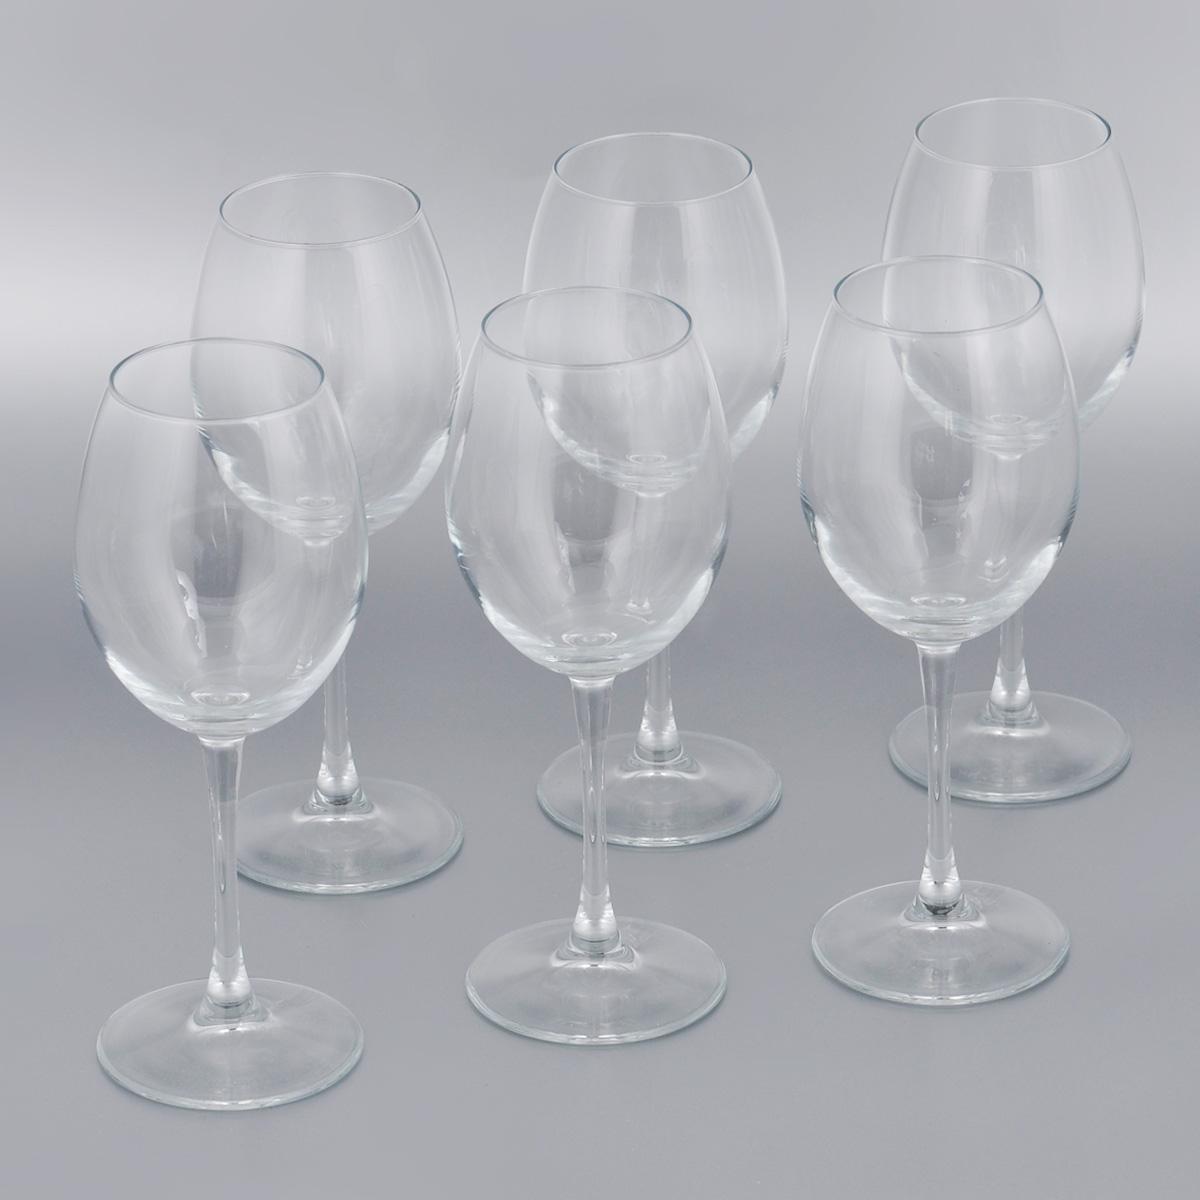 Набор бокалов для красного вина Pasabahce Enoteca, 420 мл, 6 шт44728BНабор Pasabahce Enoteca состоит из шести бокалов, выполненных из прочного натрий-кальций-силикатного стекла. Изделия оснащены высокими ножками. Бокалы предназначены для подачи красного вина. Они сочетают в себе элегантный дизайн и функциональность. Благодаря такому набору пить напитки будет еще вкуснее. Набор бокалов Pasabahce Enoteca прекрасно оформит праздничный стол и создаст приятную атмосферу за романтическим ужином. Такой набор также станет хорошим подарком к любому случаю. Можно мыть в посудомоечной машине и использовать в микроволновой печи. Диаметр бокала (по верхнему краю): 6 см. Высота бокала: 22,5 см.